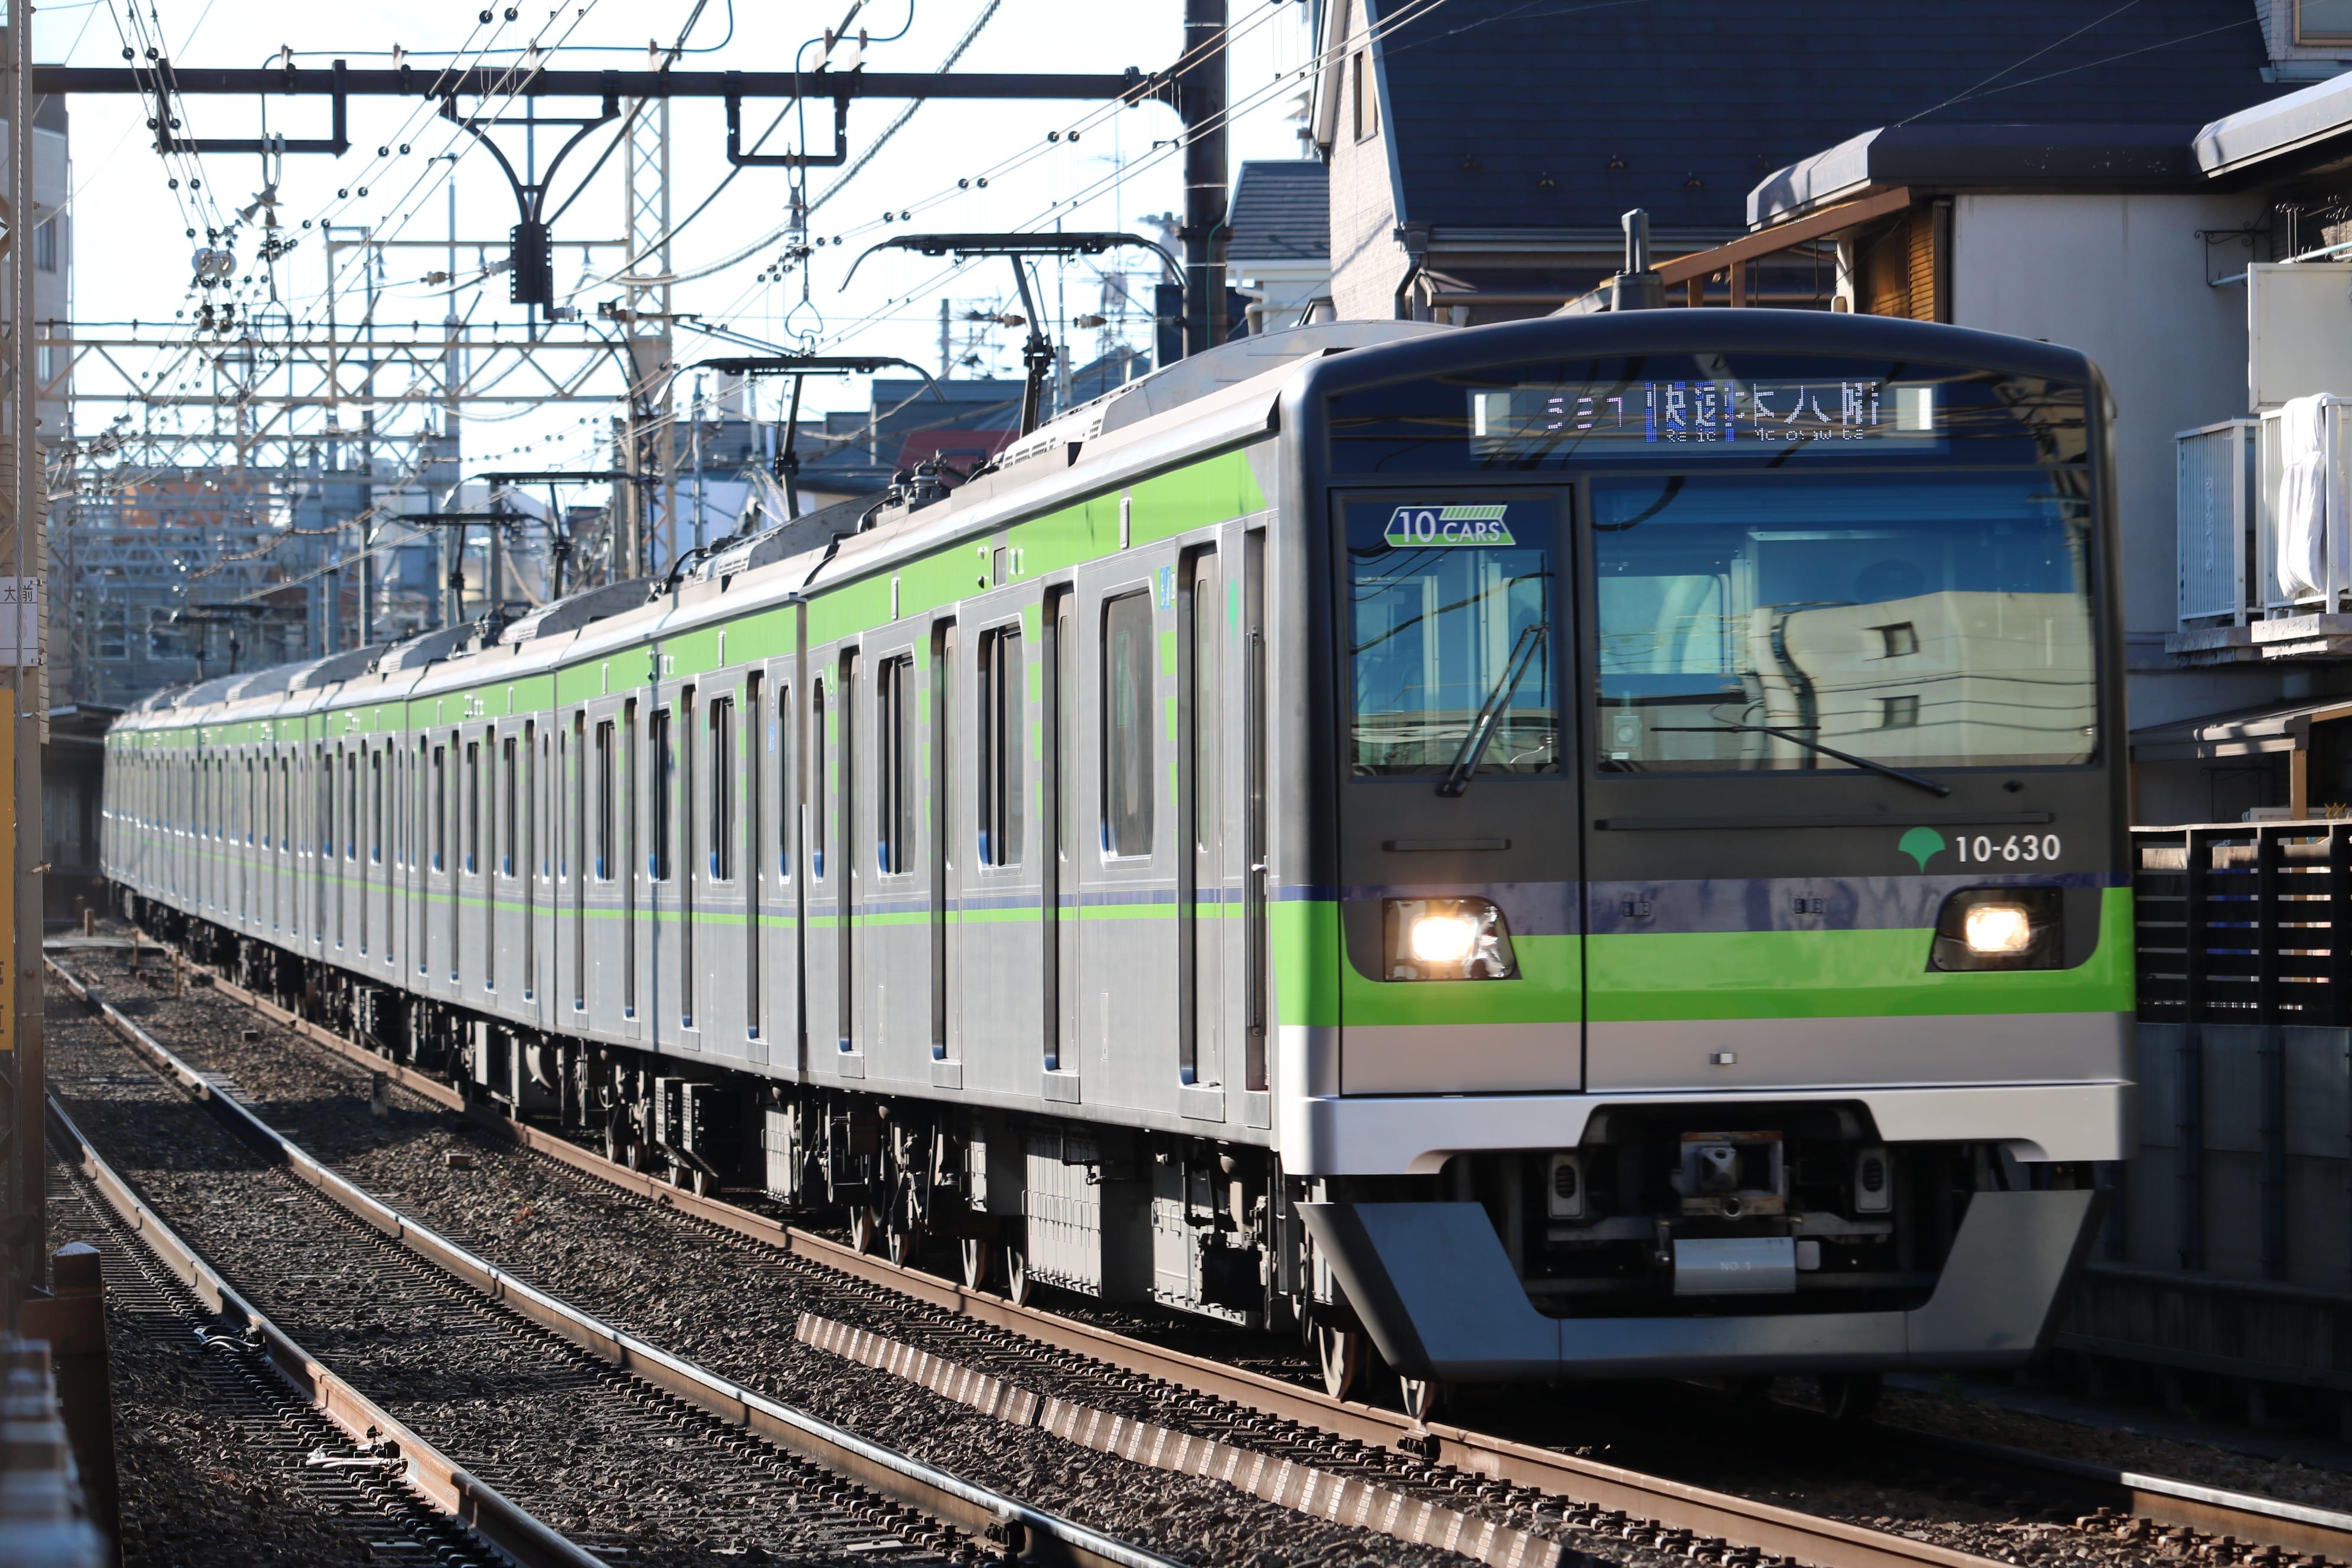 都営三田線(上)は開業50周年、都営新宿線(下)は開業40周年を迎える